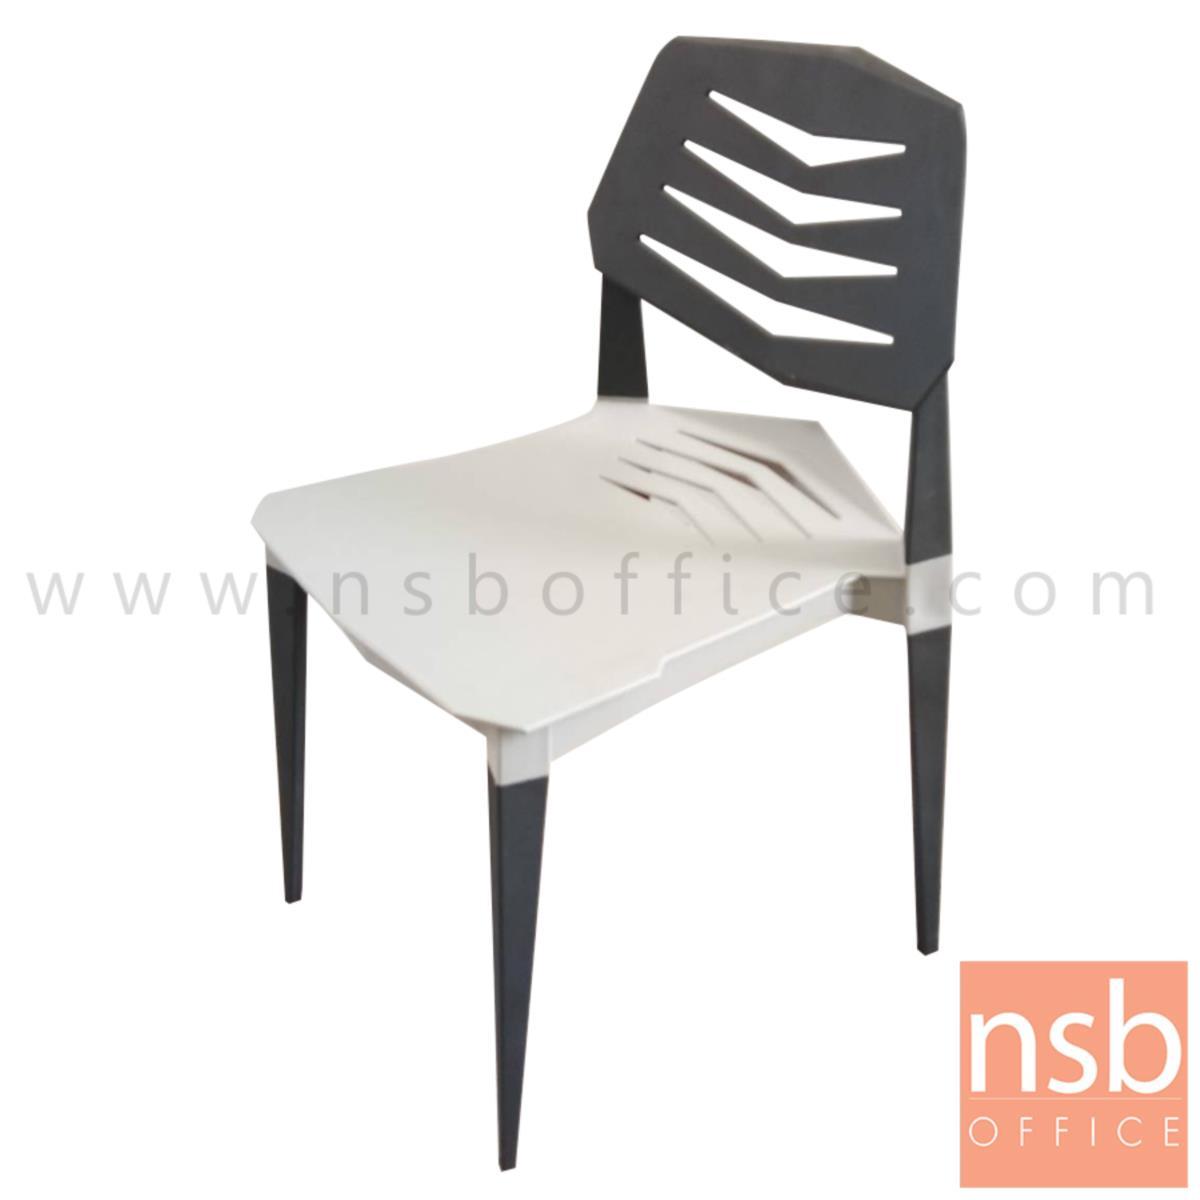 B29A281:เก้าอี้โมเดิร์นพลาสติก สีทูโทน รุ่น VECTOR